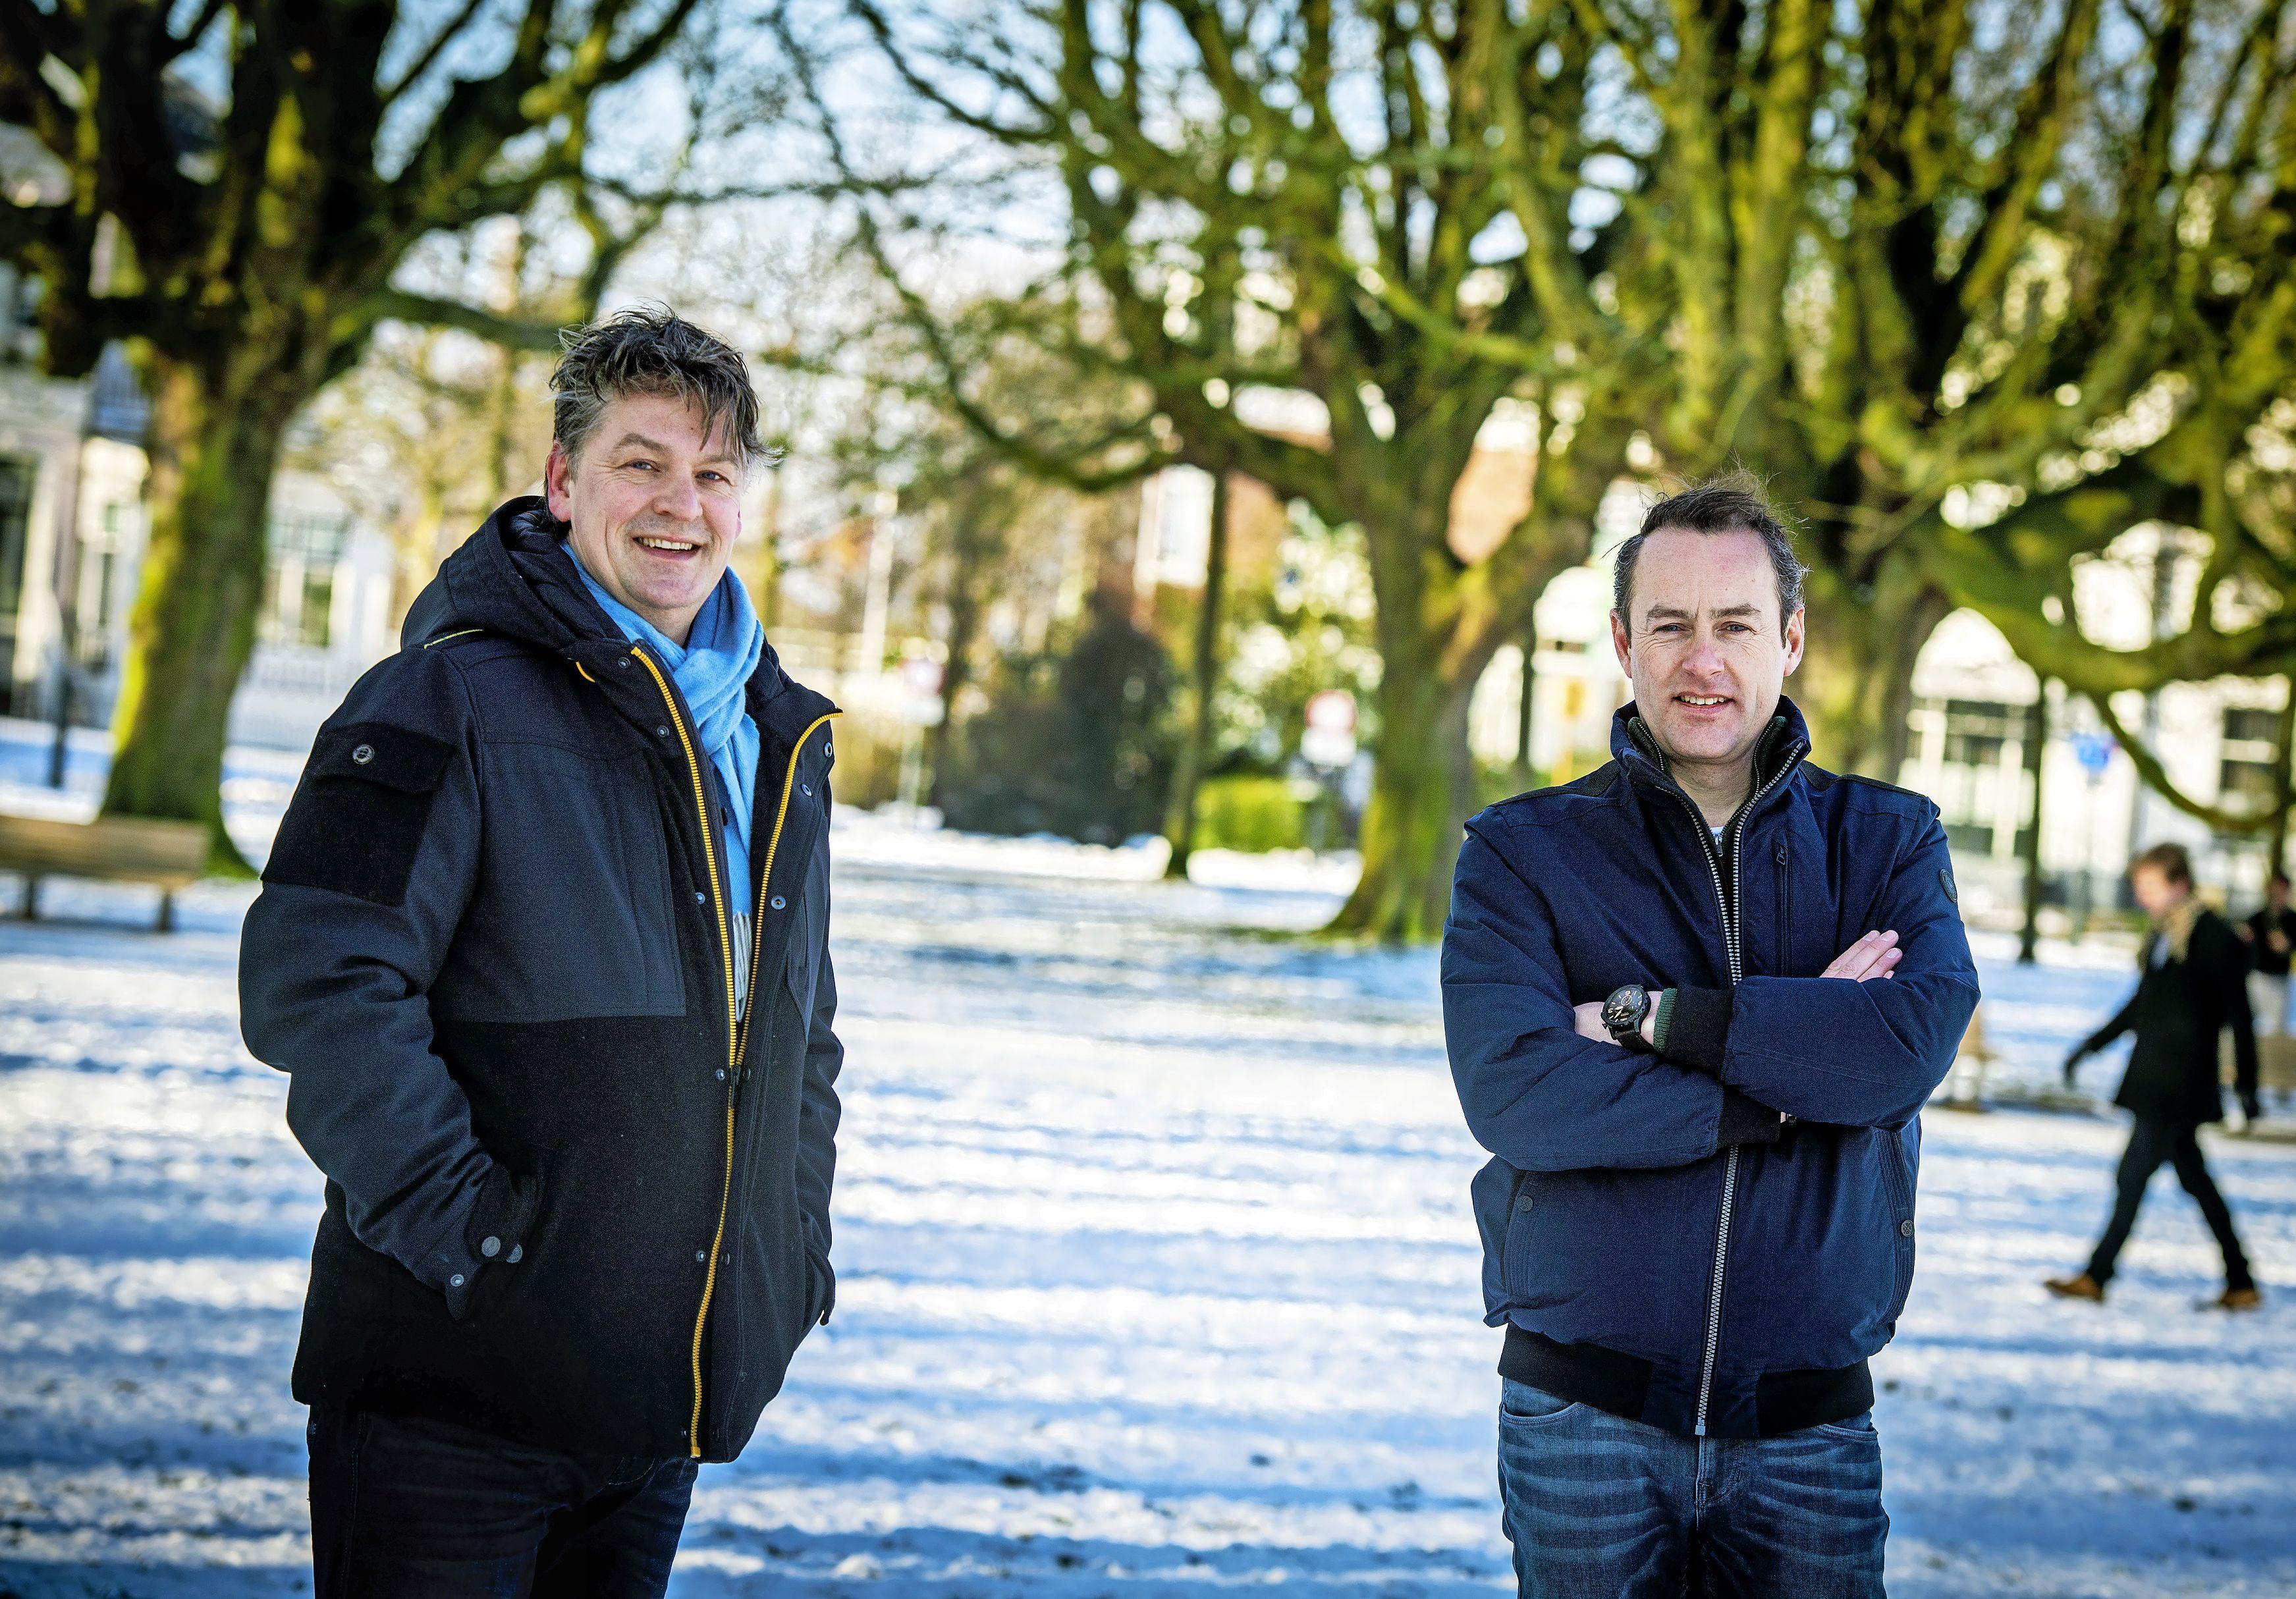 Imkervereniging Haarlem richt zich op herintroductie oerbij in Kennemerland: 'Zwarte bij veel sterker en robuuster dan honingbij'